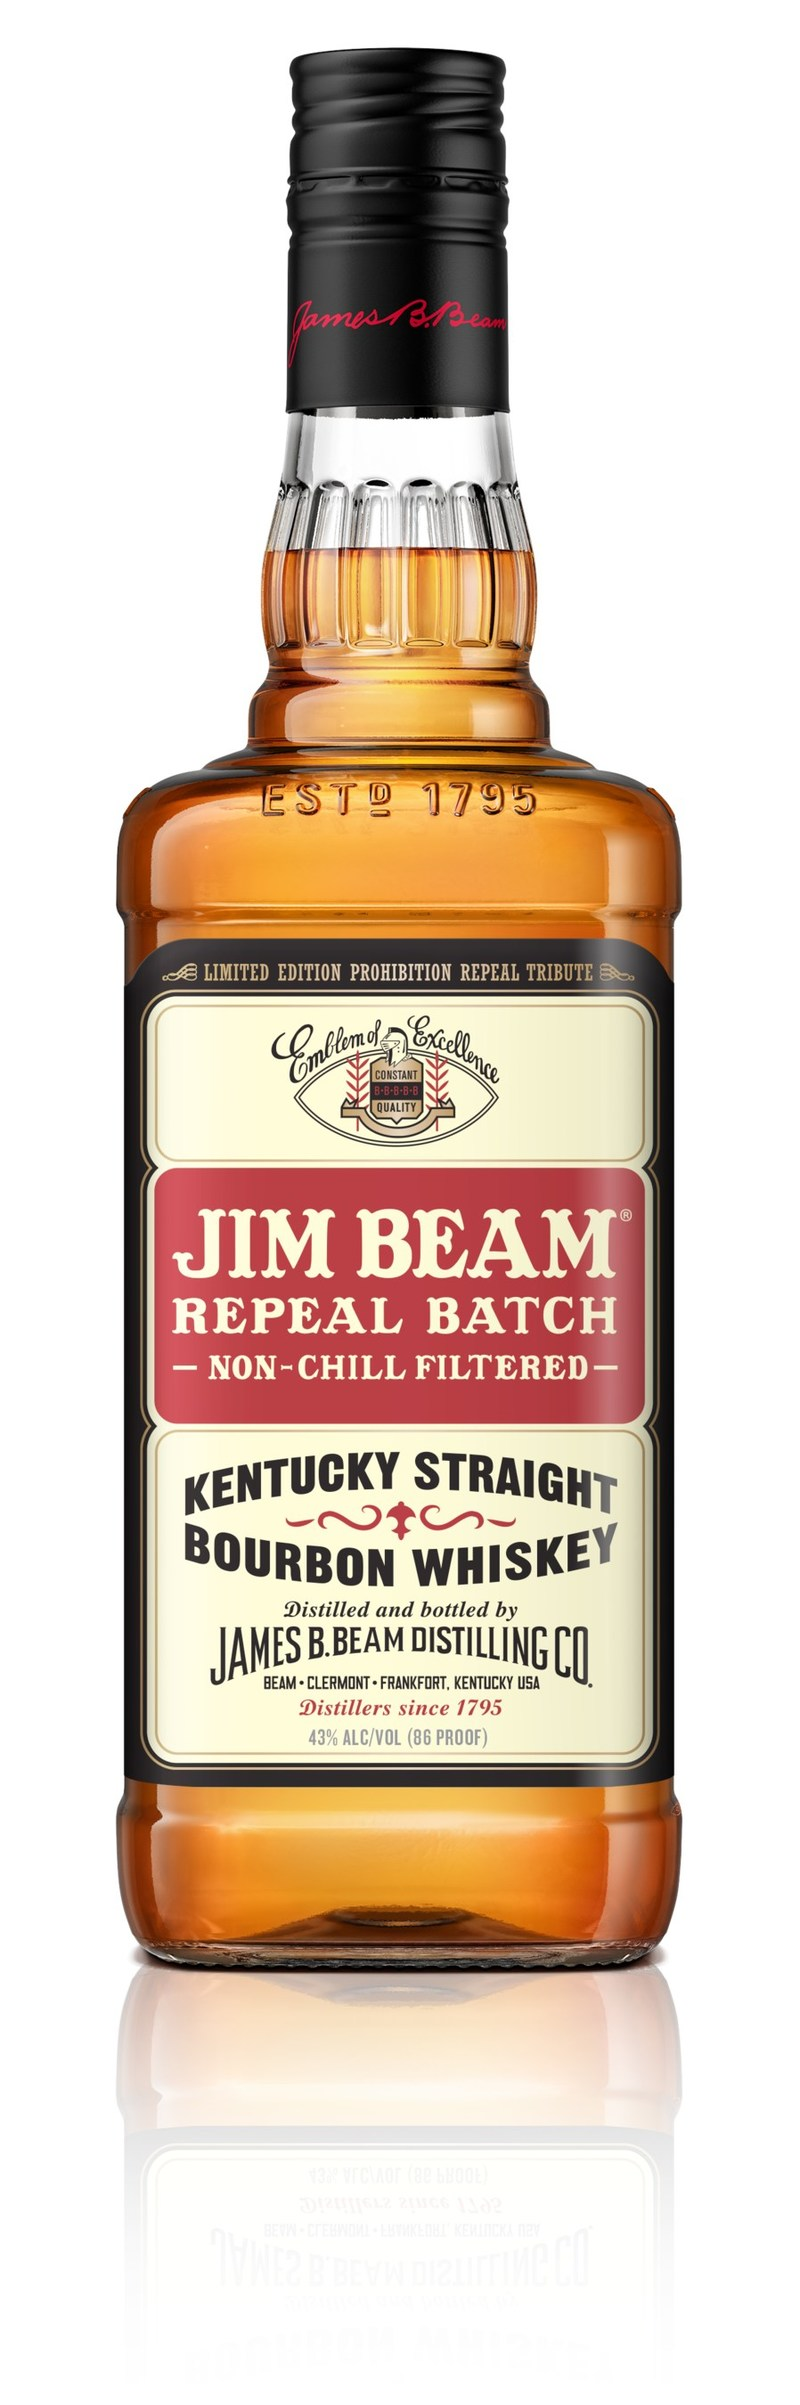 Jim Beam Repeal Batch